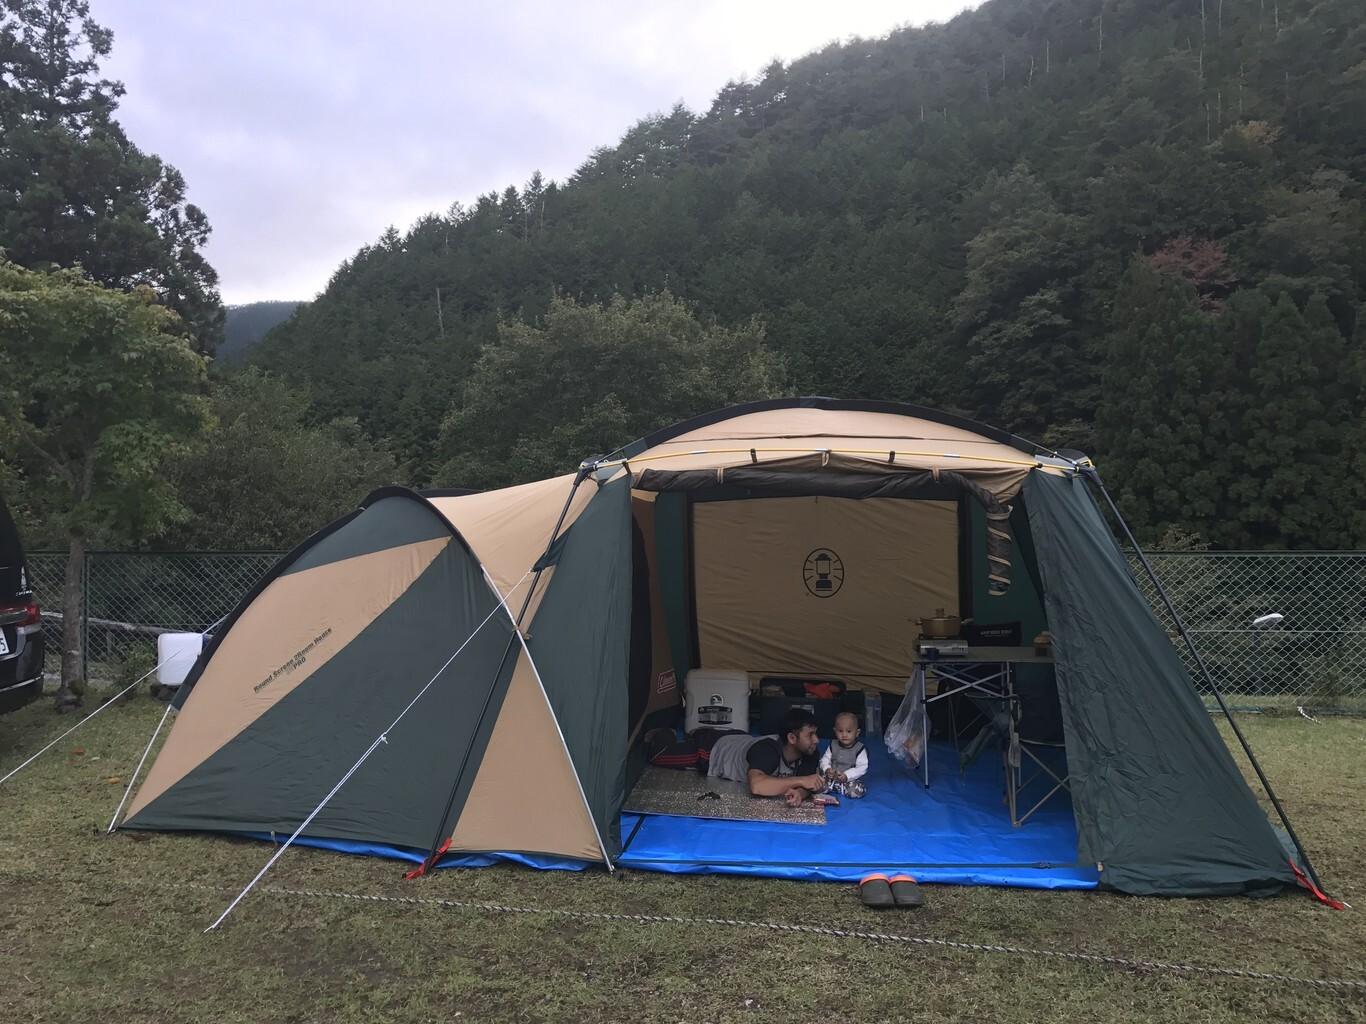 宮の向いキャンプ場・北今西キャンプ場 の写真p7431